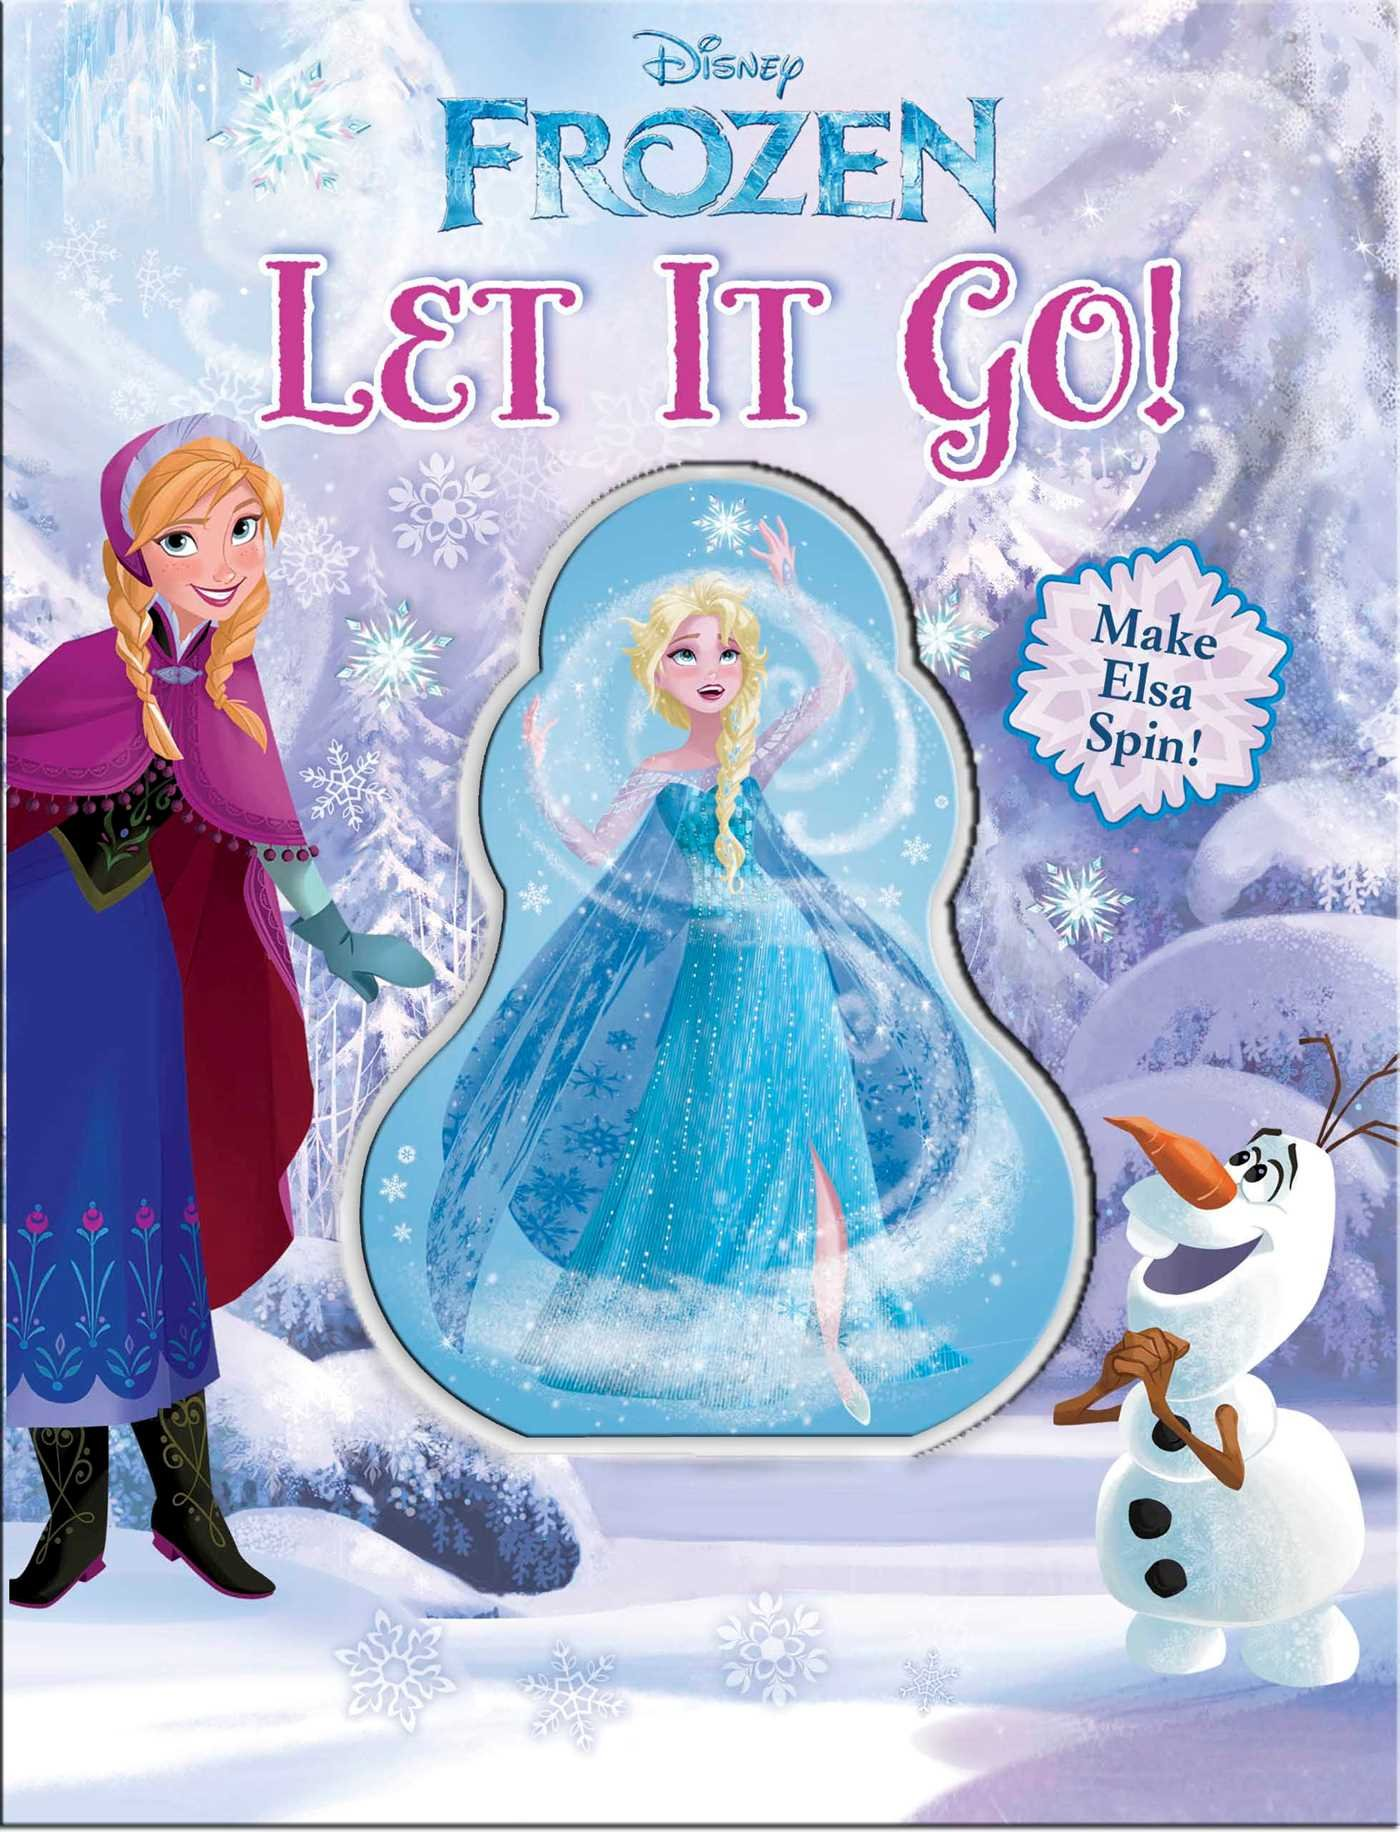 Disney Frozen Let Go